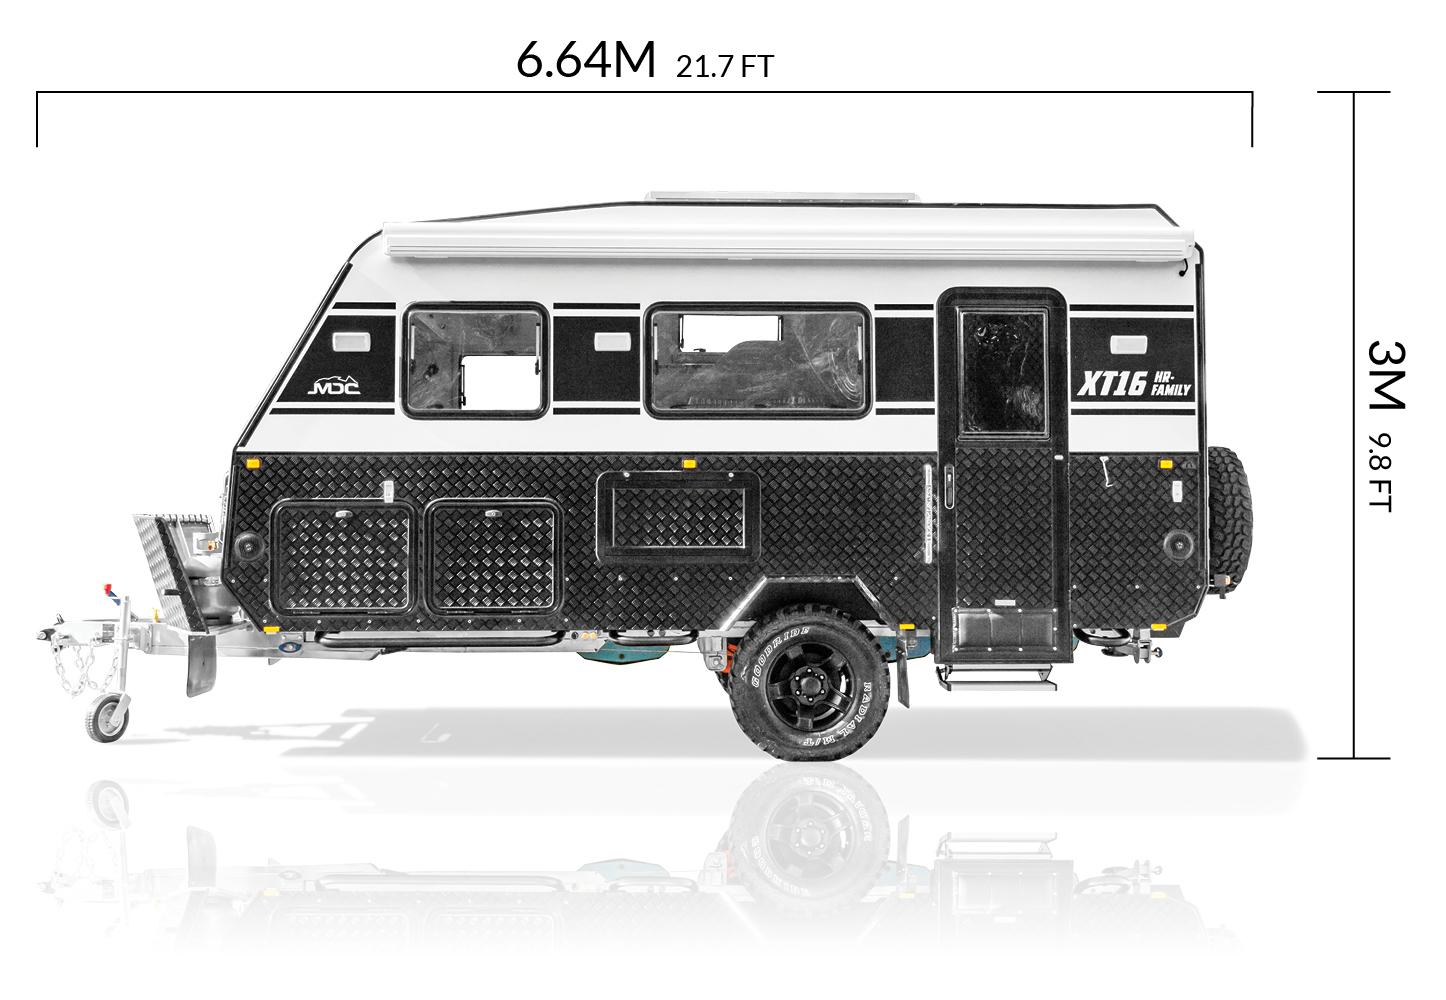 MDC AU XT16HR Family offroad caravan dimensions